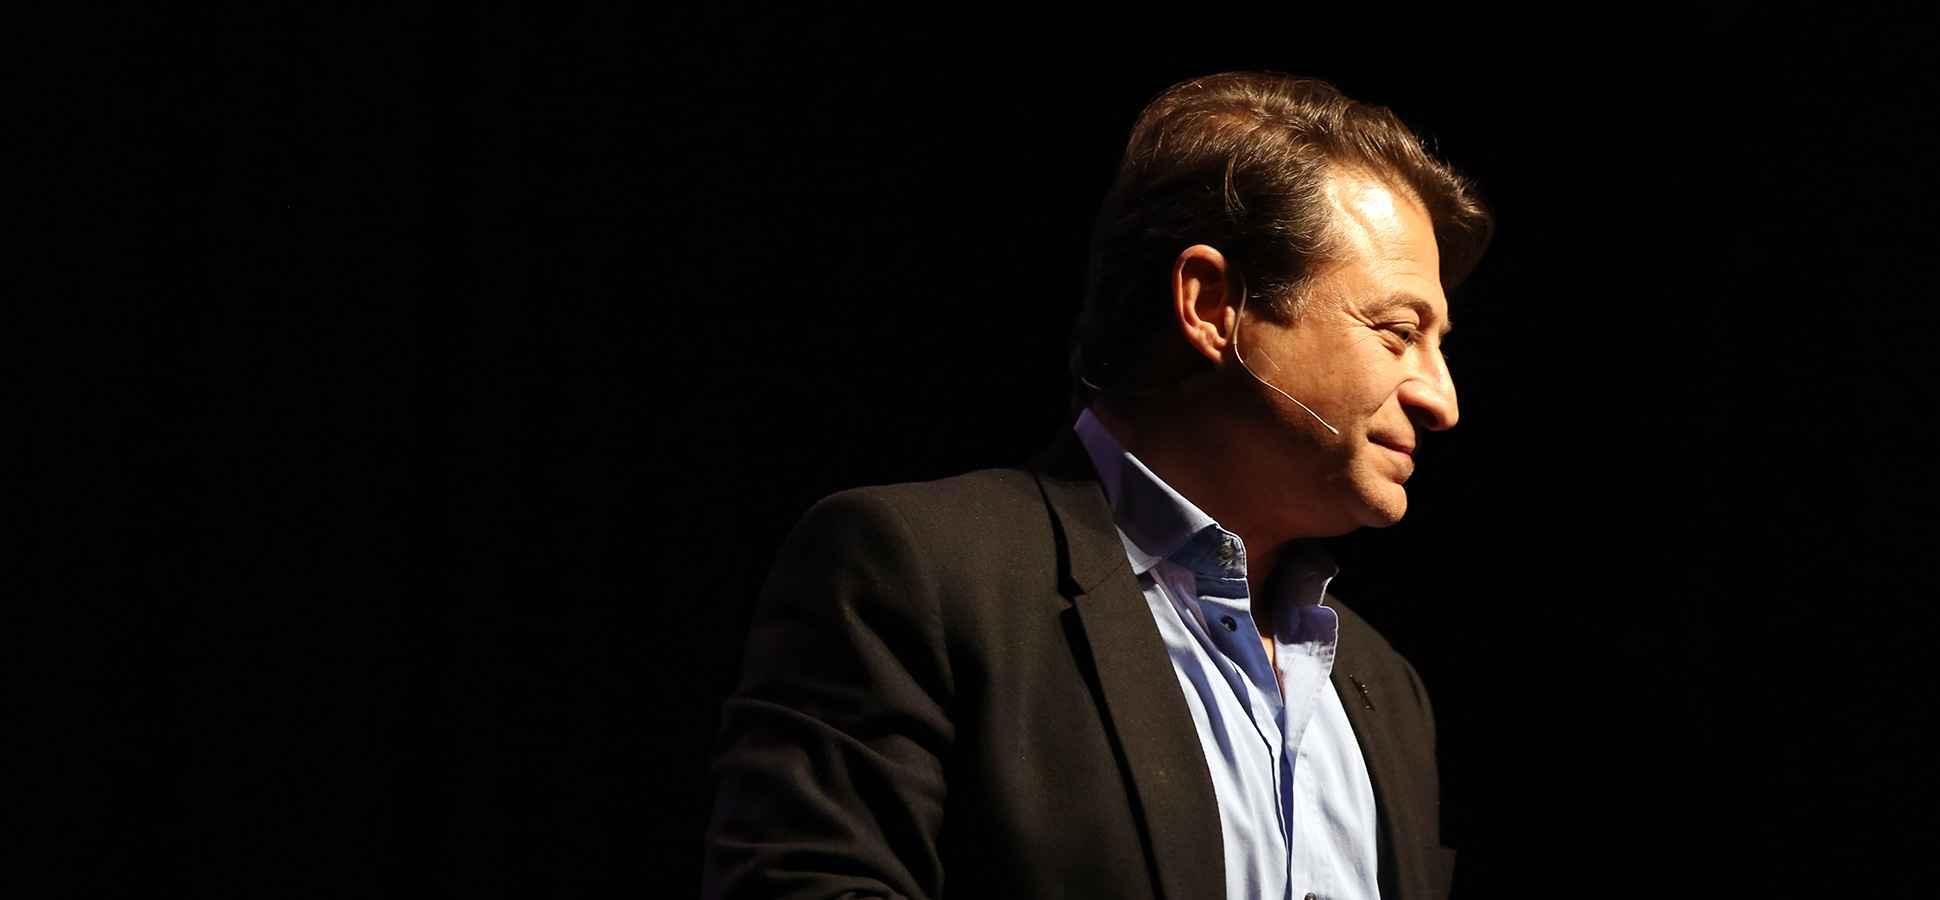 Peter Diamandis: Want to Be a Billionaire? Solve a Billion-Person Problem